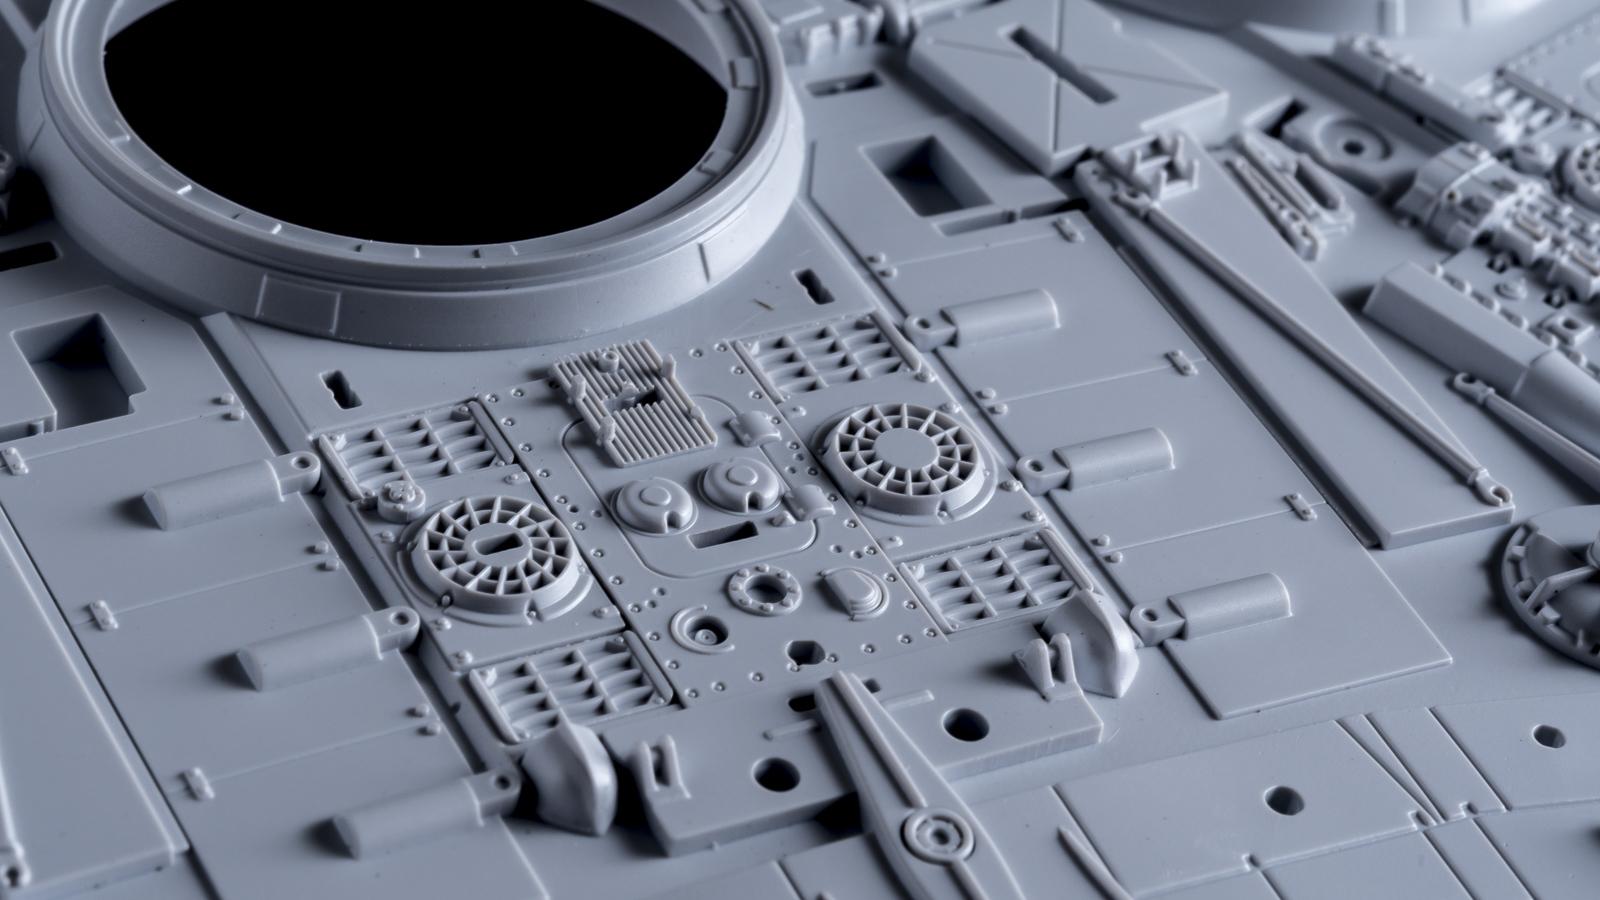 """「模型で作った模型の模型」、バンダイのミレニアムファルコンが持つ\""""パーフェクト\""""の意味【前編】_b0029315_00153996.jpg"""